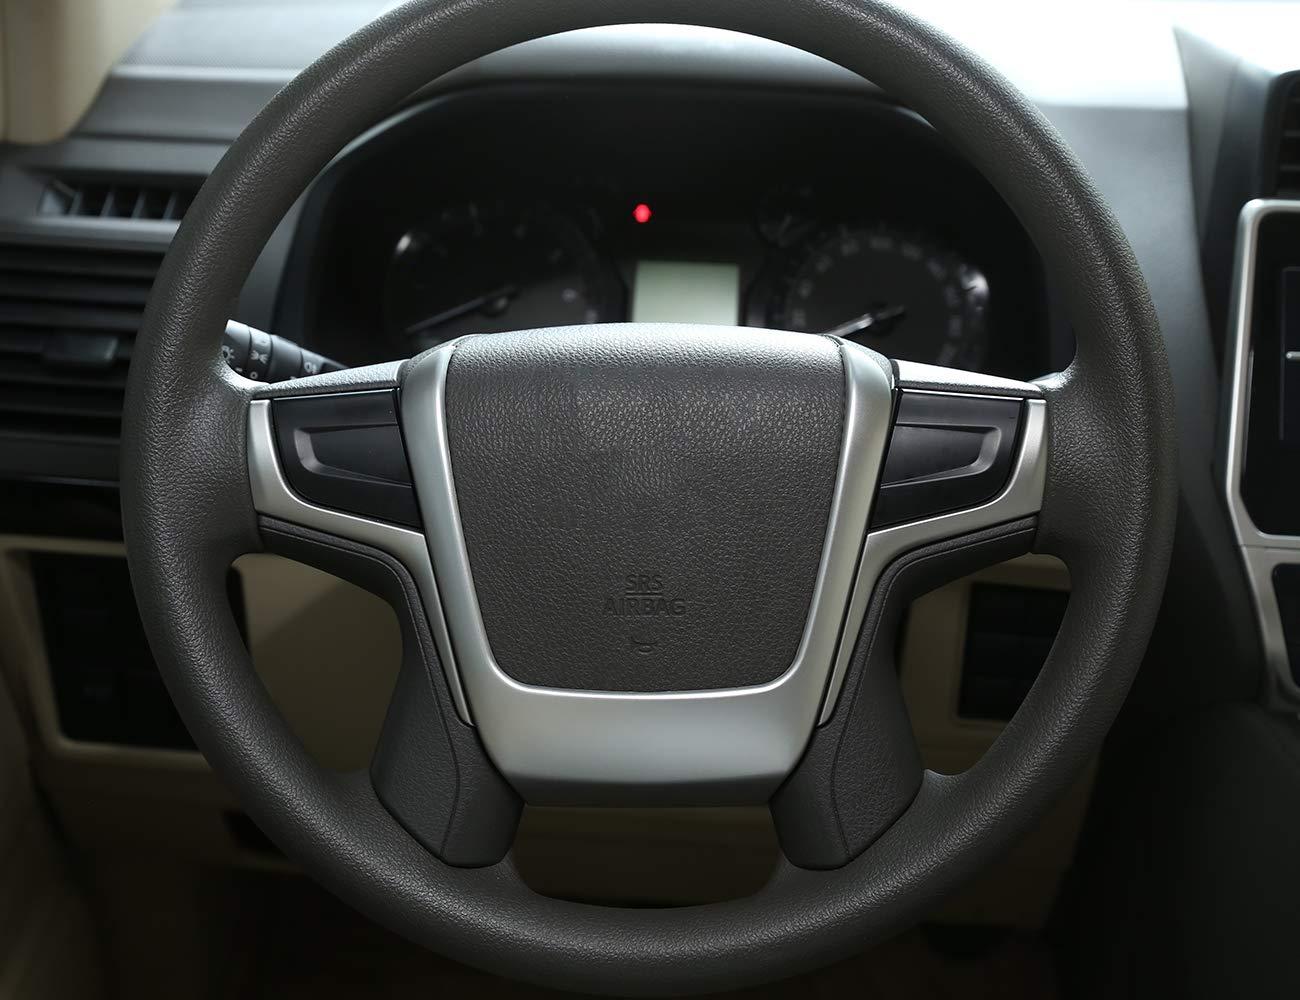 Accesorios de coche ABS Tiras de decoración para volante